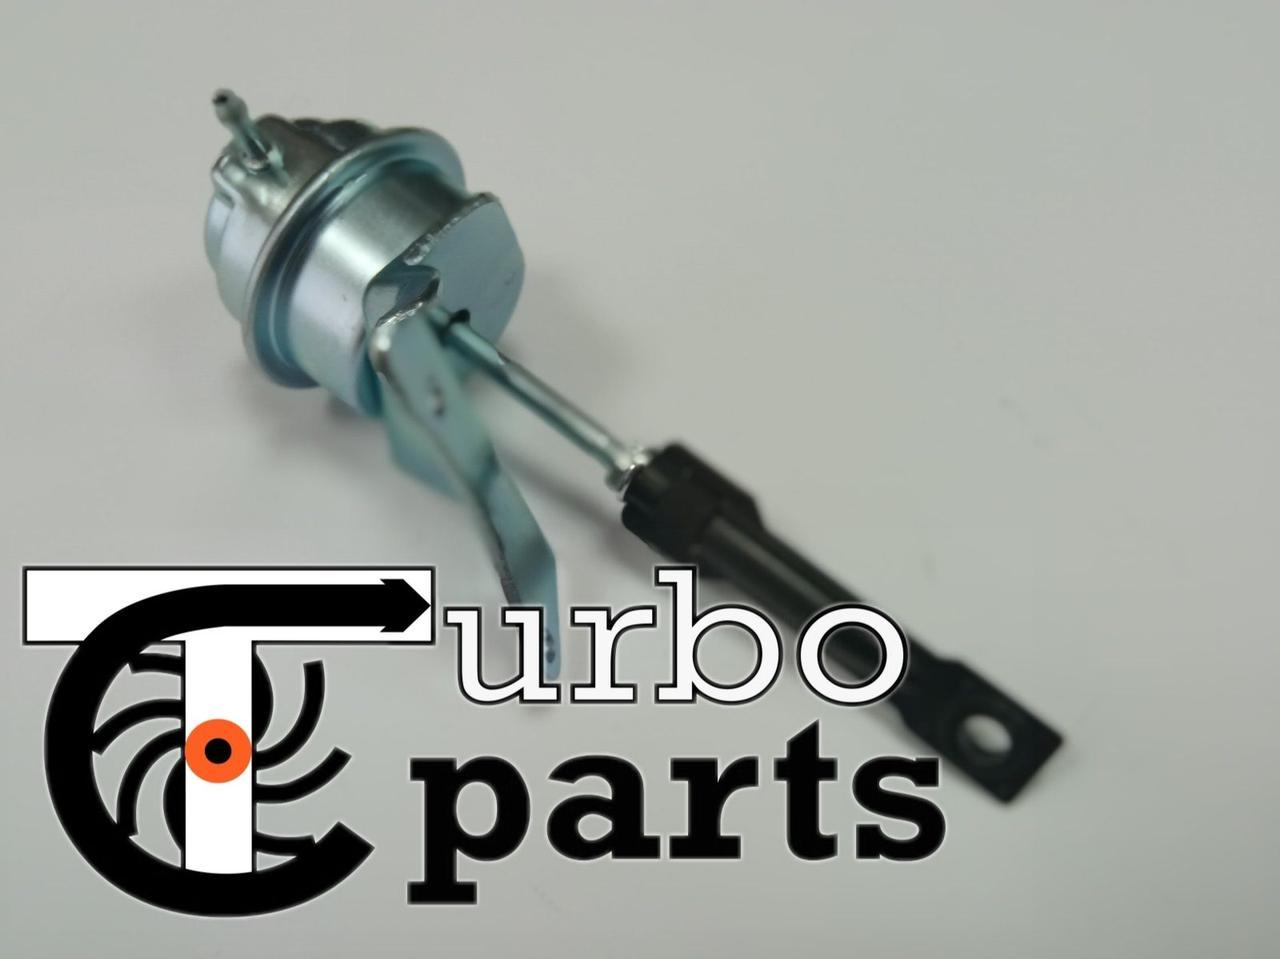 Актуатор / клапан турбины Renault Master III 2.3 dCi от 2010 г.в. - 786997-5001, 786997-0001, 786997-1